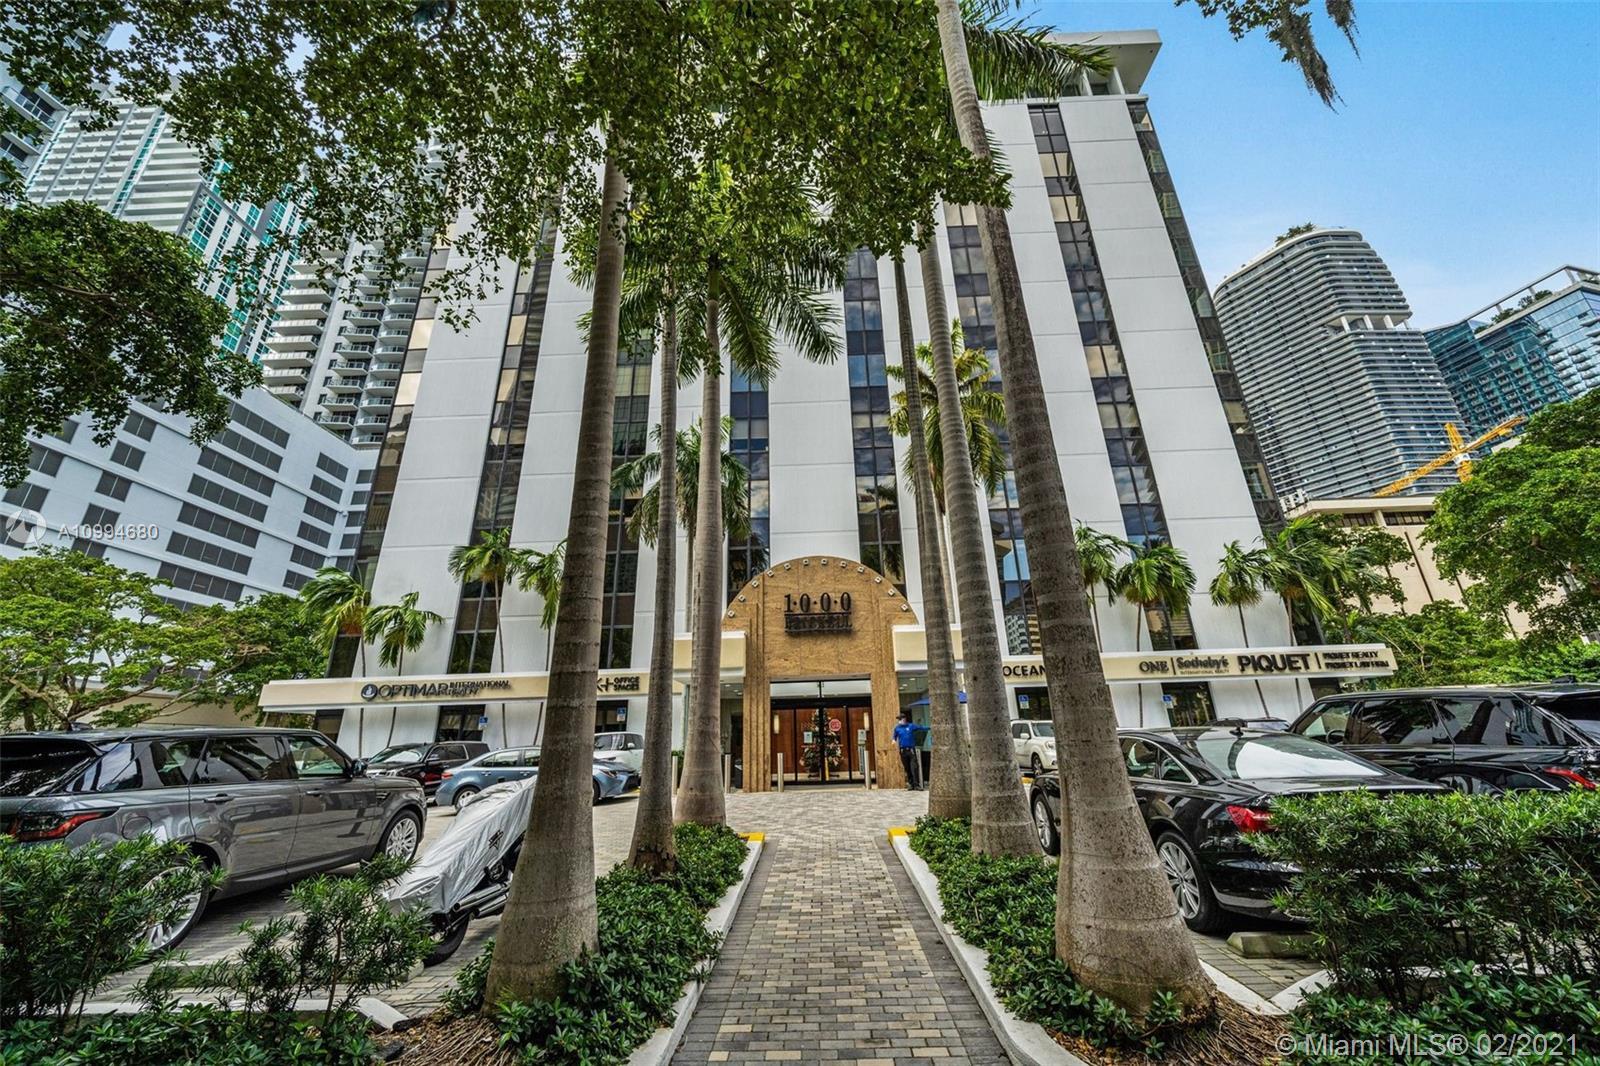 Brickell FlatIron #3F - 3E - 1000 Brickell Ave #3F - 3E, Miami, FL 33131